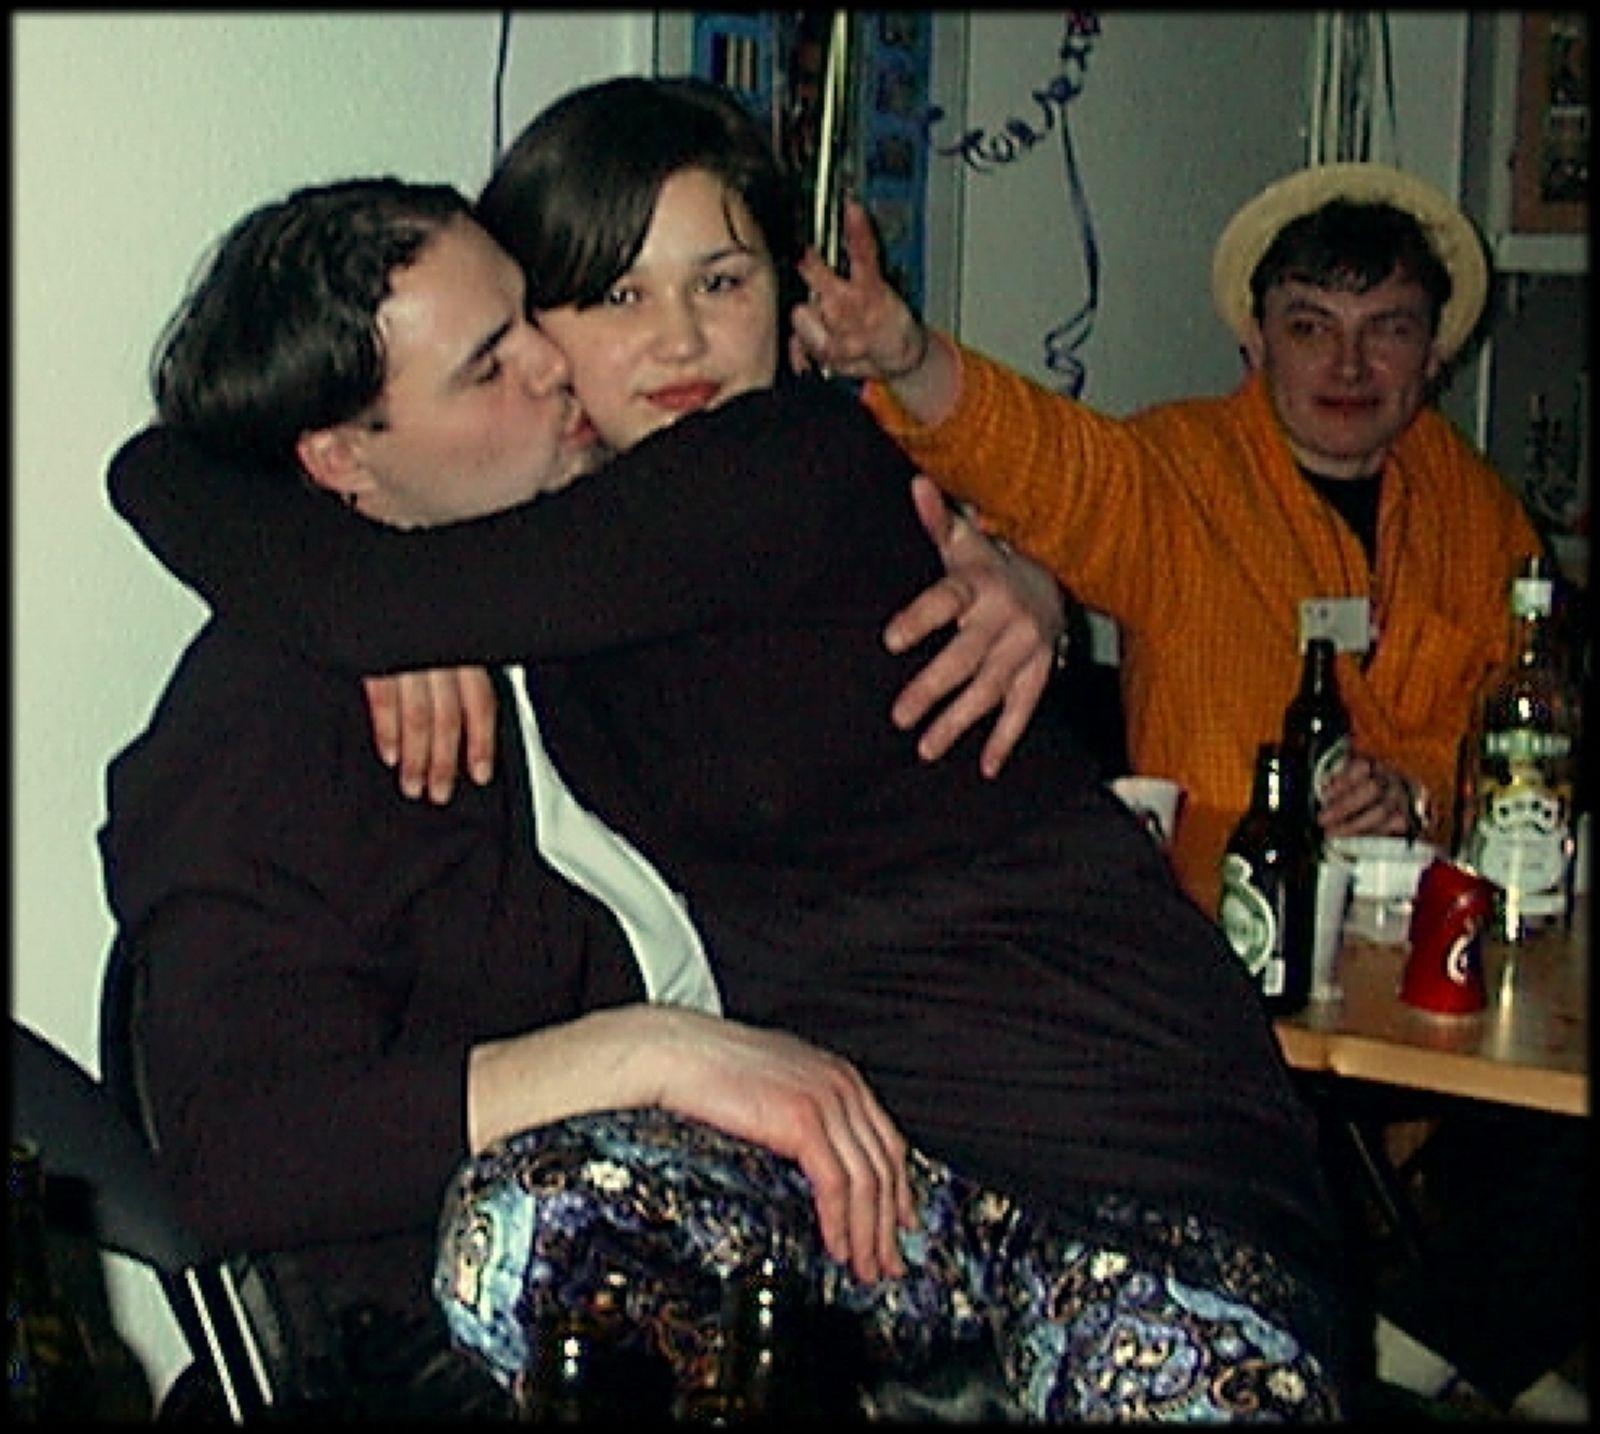 1997-12-31-1811_-_Carlo Lennert; Gode_